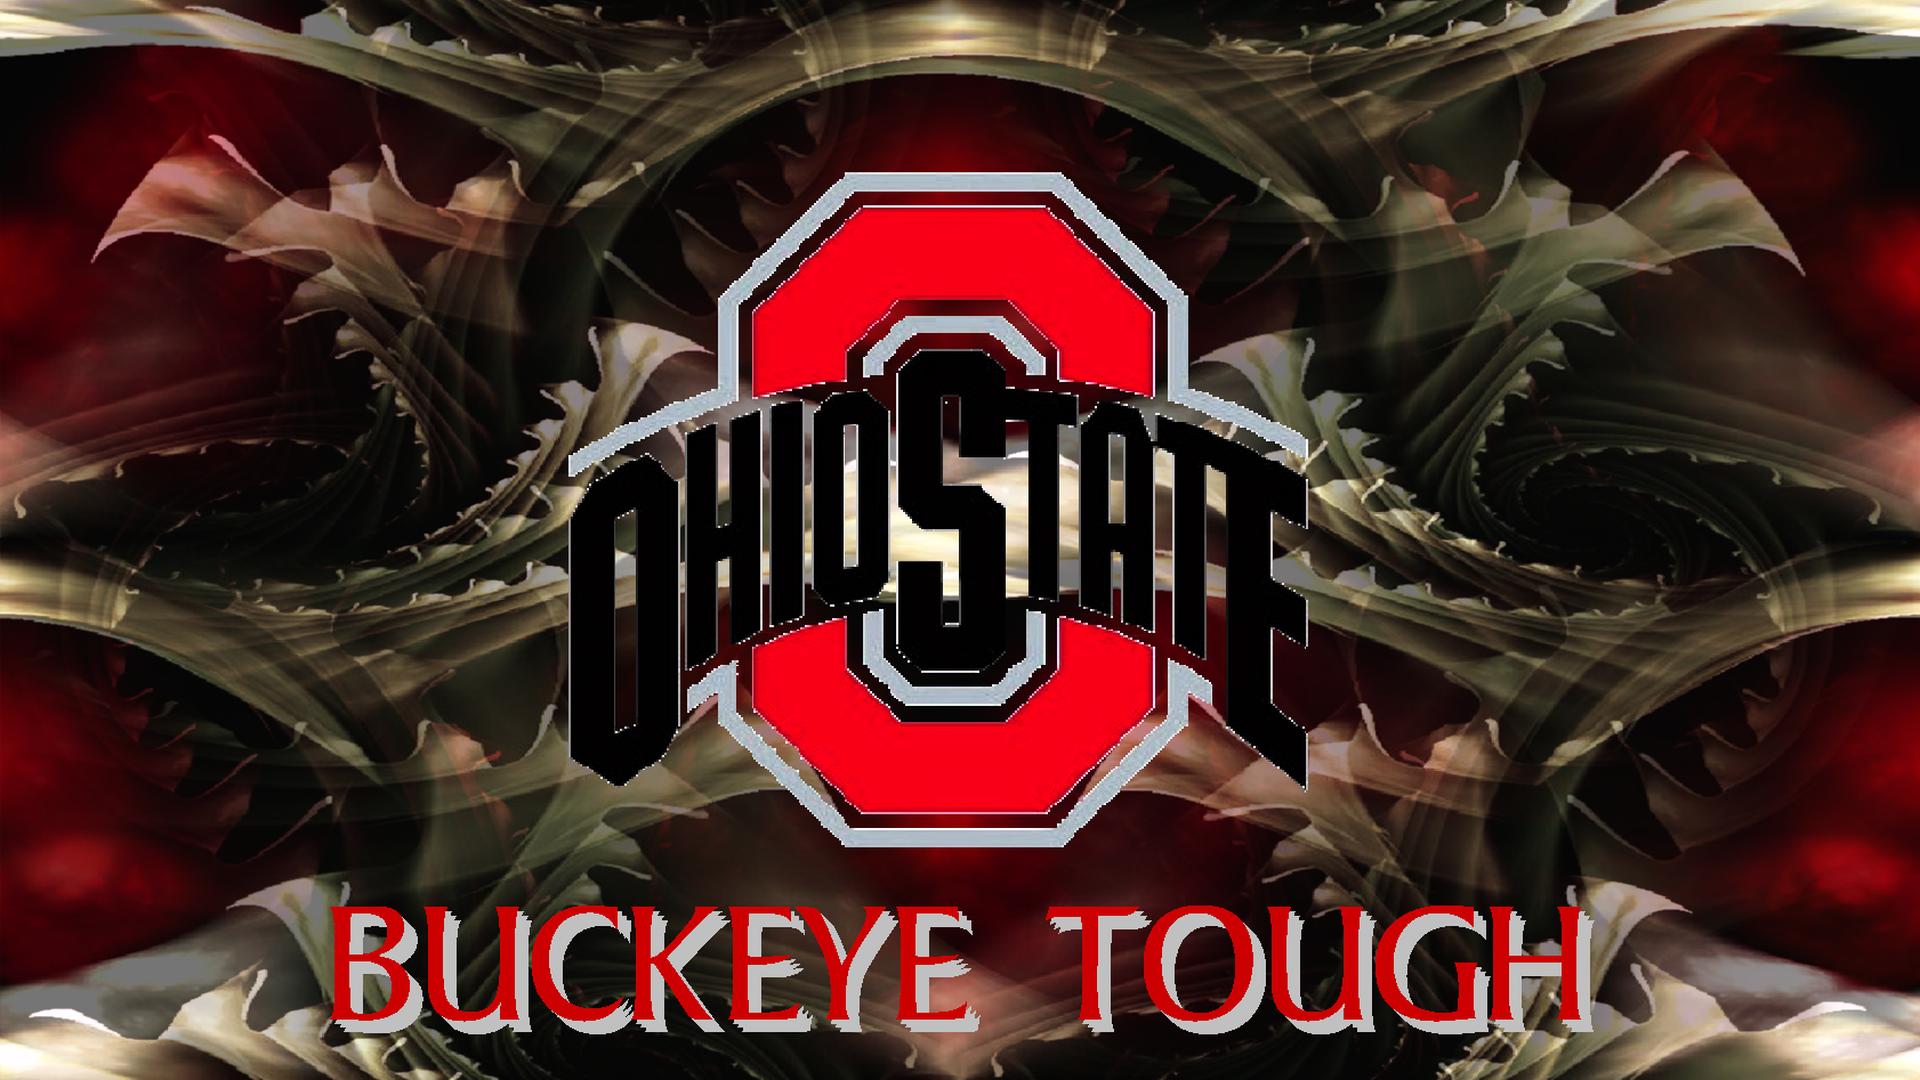 Ohio state buckeyes 2013 athletic logo 4